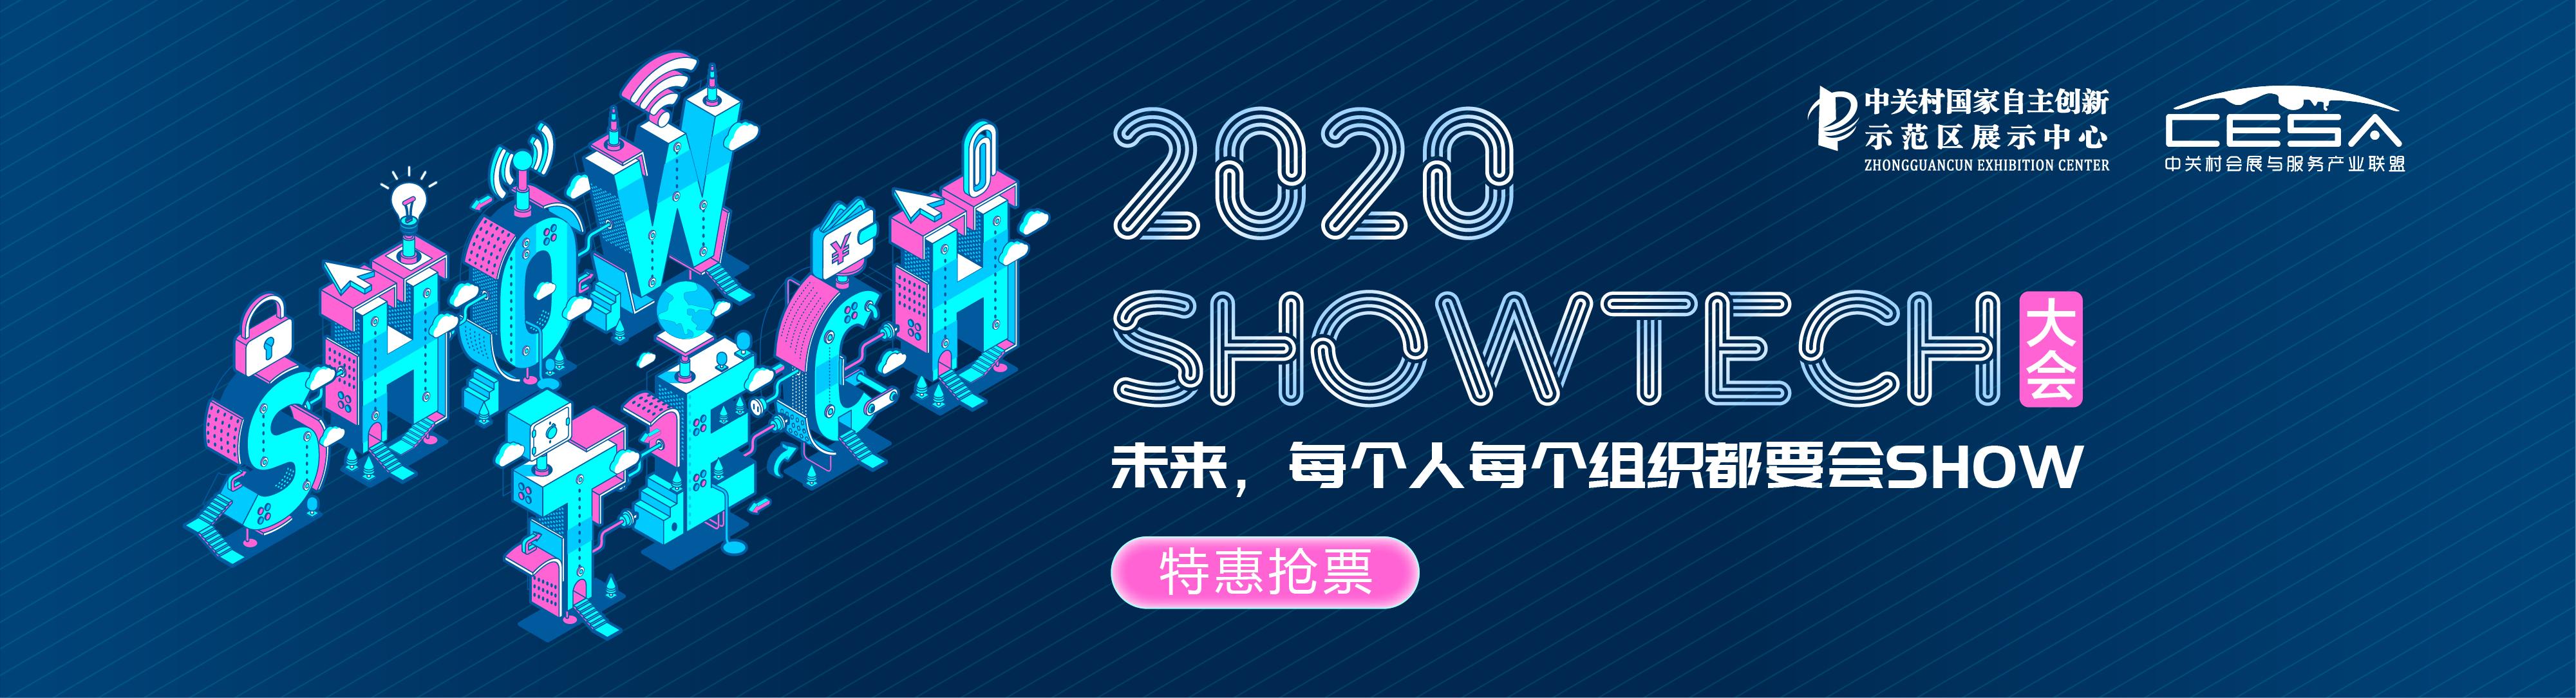 2020 SHOWTWCH 大会